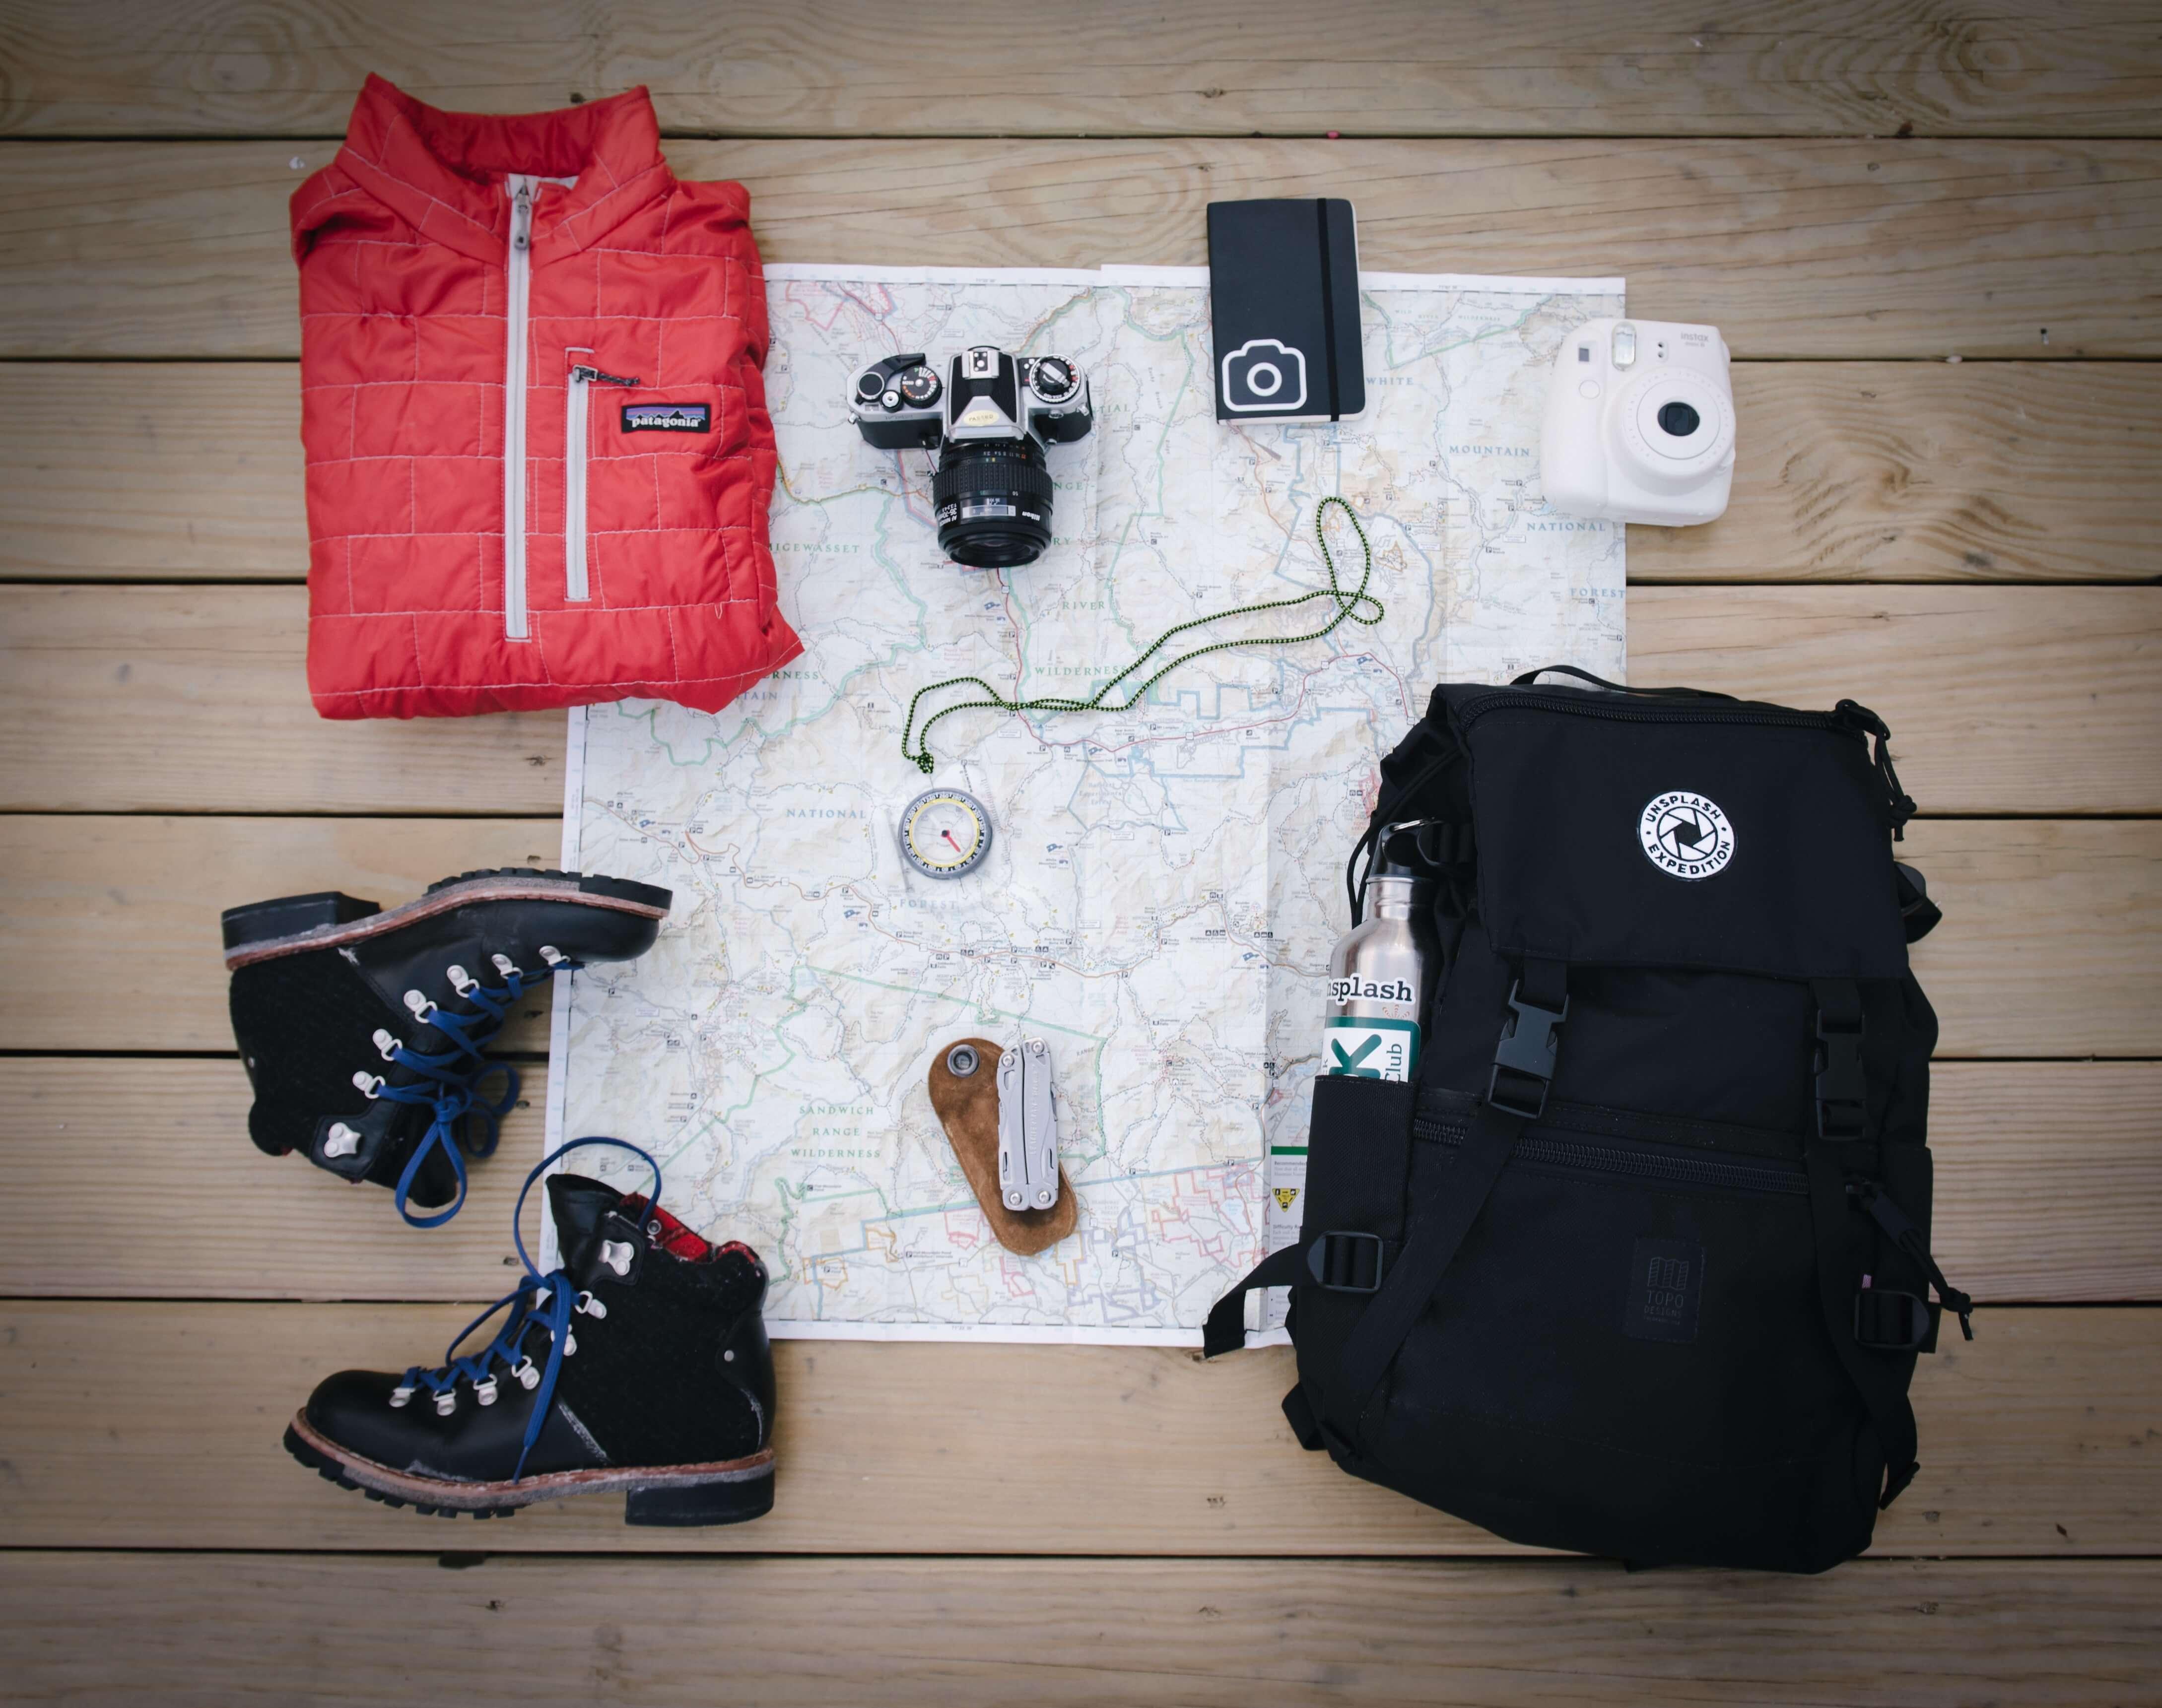 【南美自助】南美旅行大哉問之行李箱VS大背包